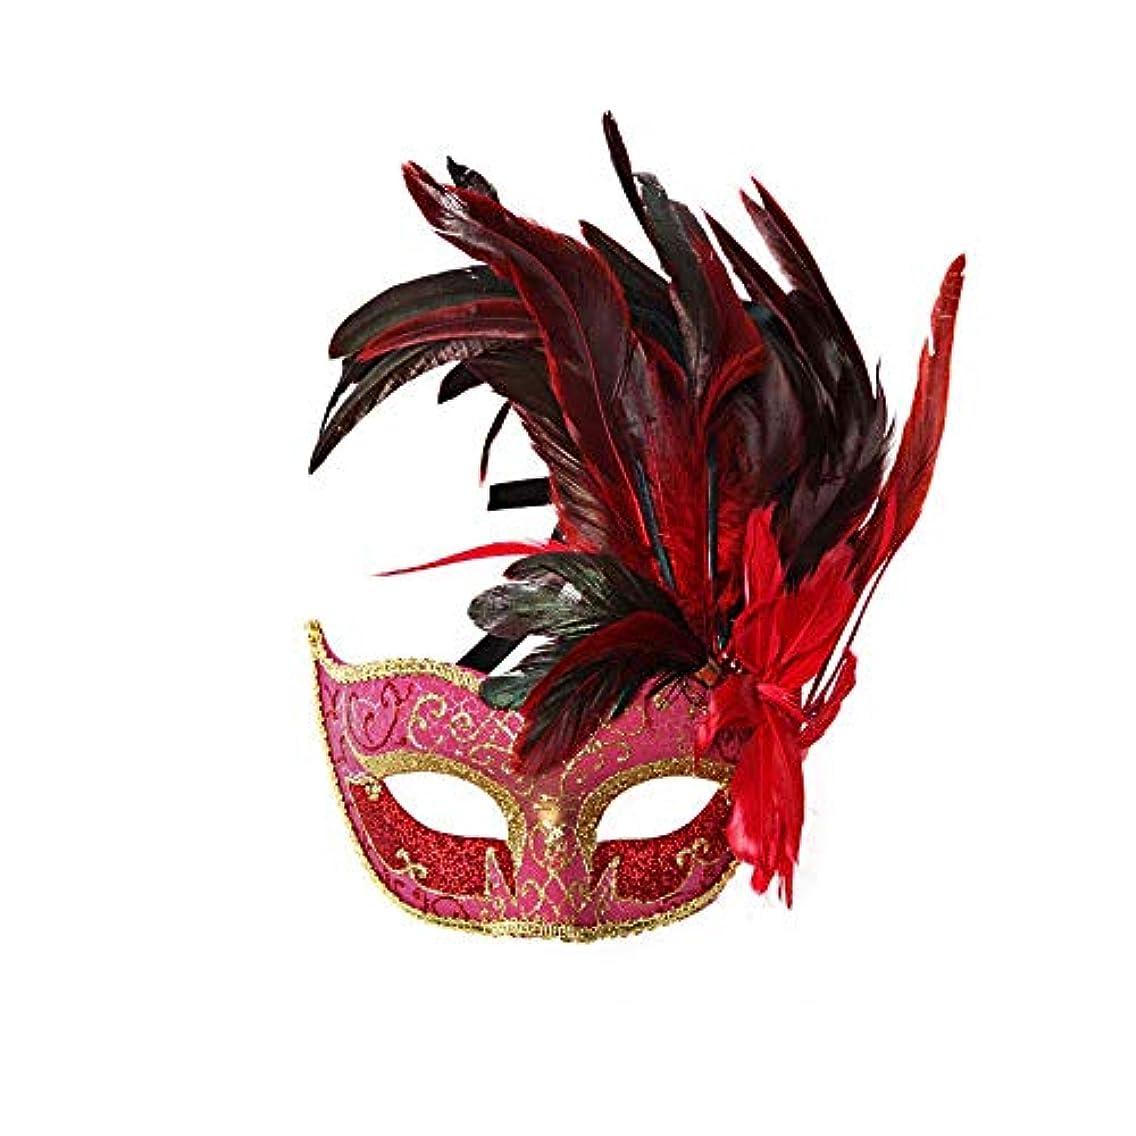 愛グリーンバックバングラデシュNanle ハロウィンマスクハーフフェザーマスクベニスプリンセスマスク美容レース仮面ライダーコスプレ (色 : Style A red)